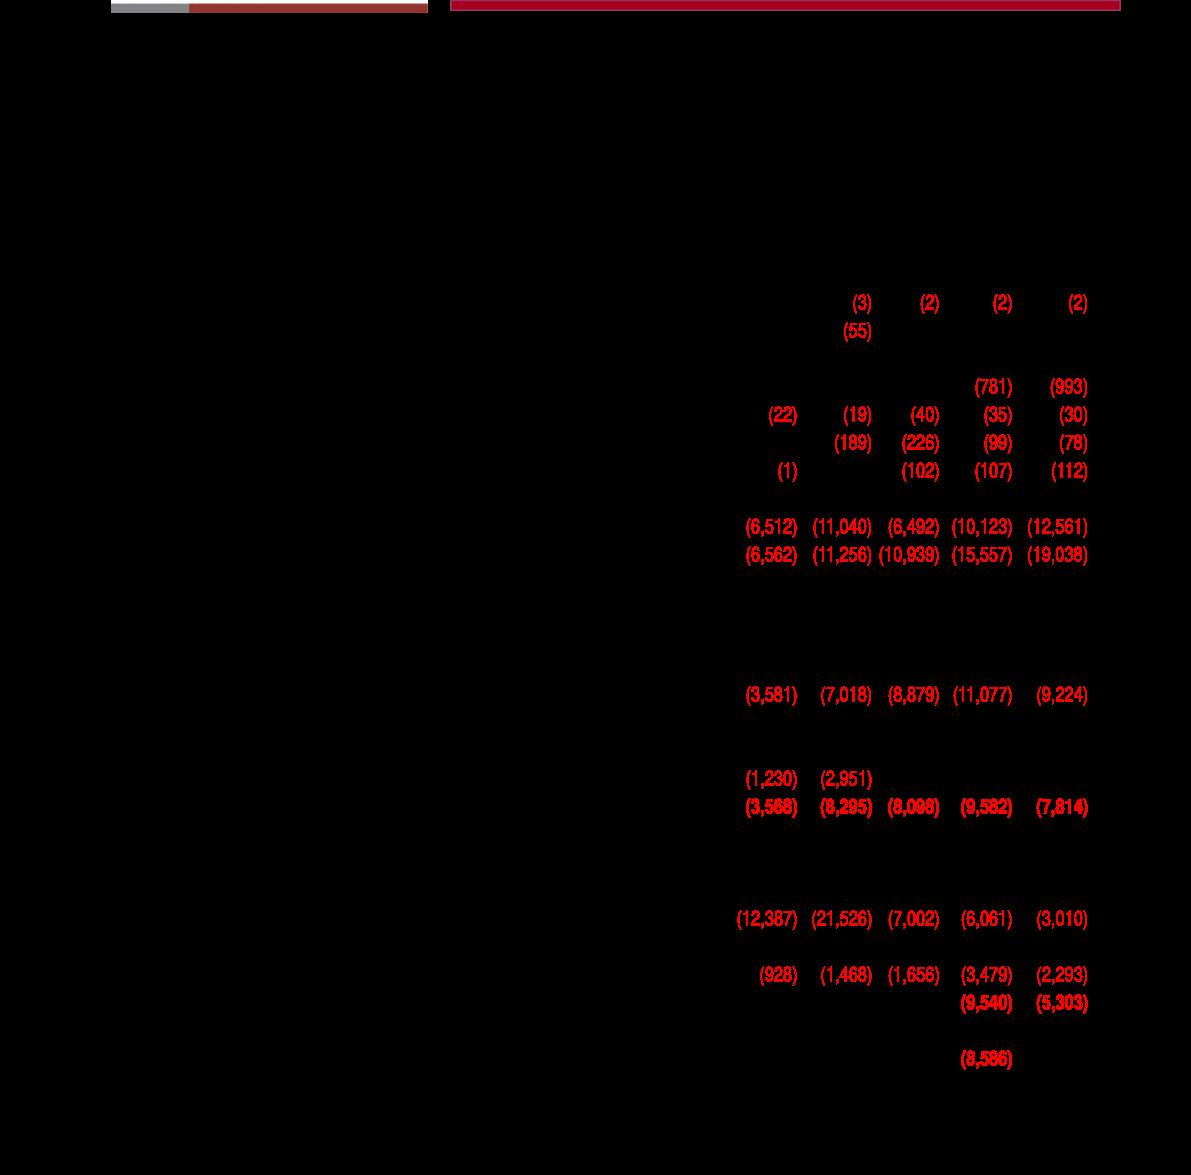 广发雷火电竞平台-中南建设-000961-业绩高增符合预期,股东再度增持信心彰显-210113